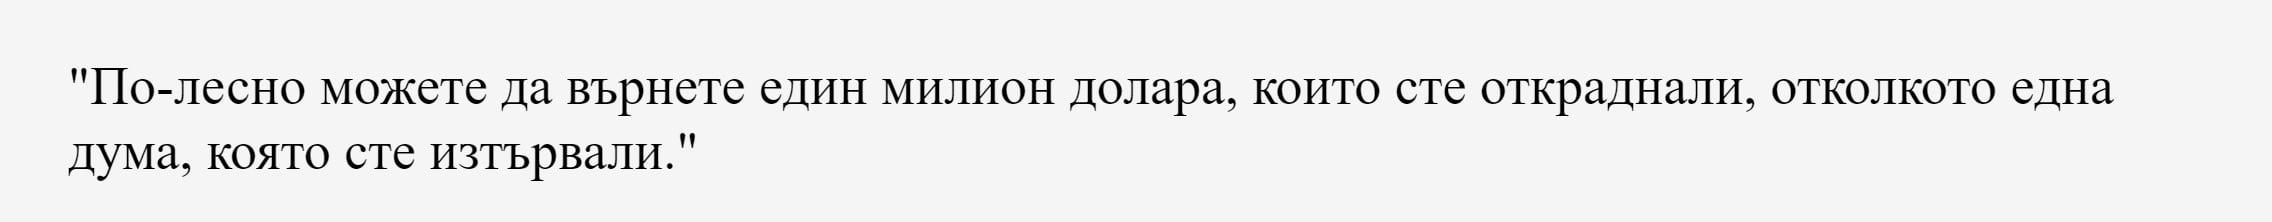 Артър Милър